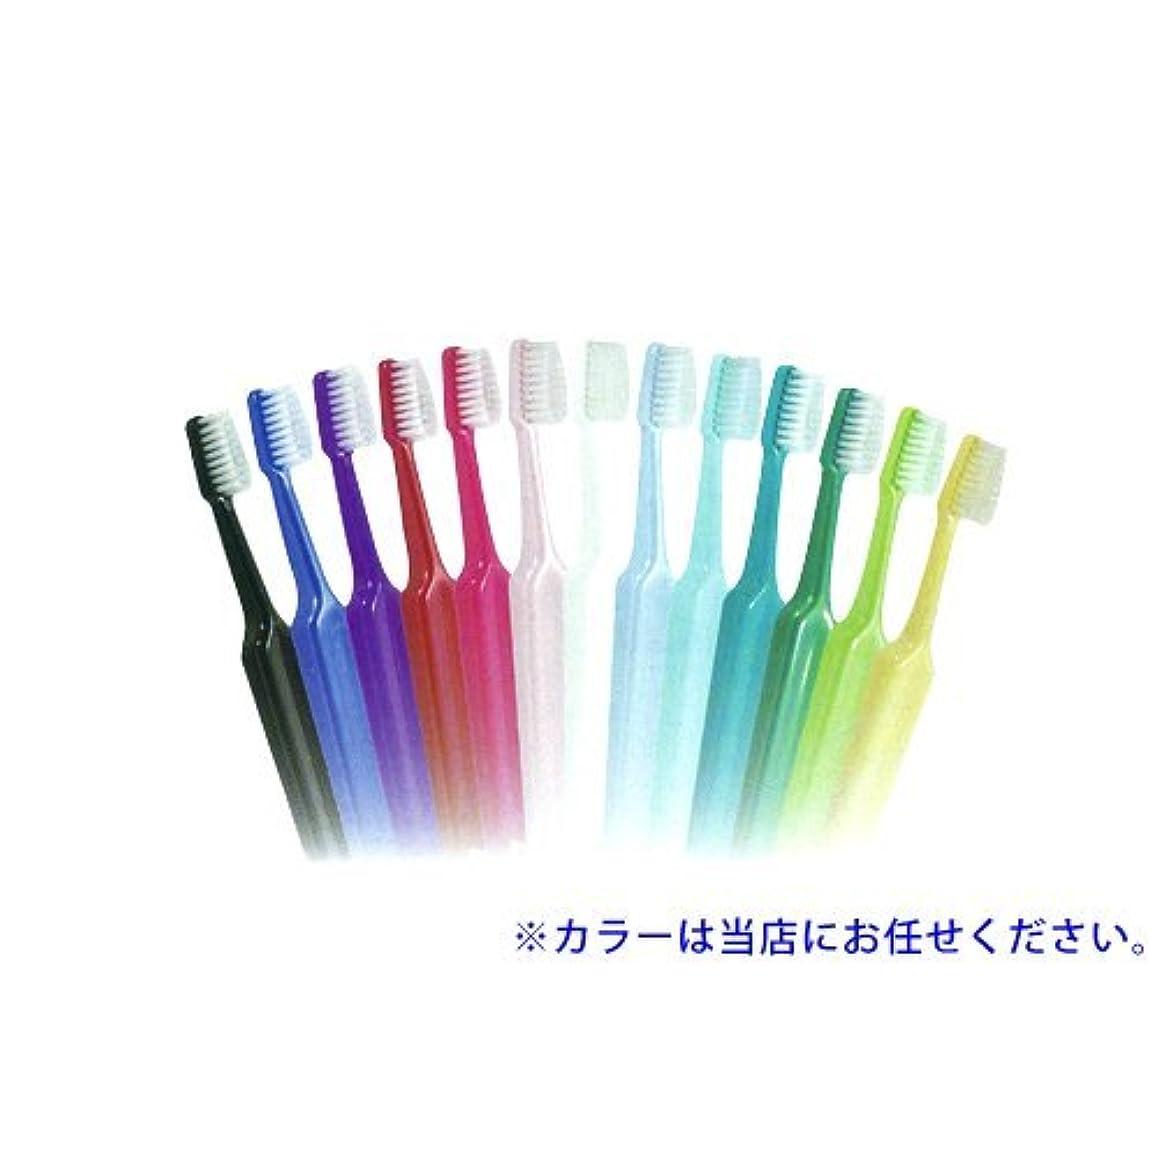 花火ブルジョン測定可能クロスフィールド TePe テペ セレクトコンパクト 歯ブラシ 1本 コンパクト ソフト